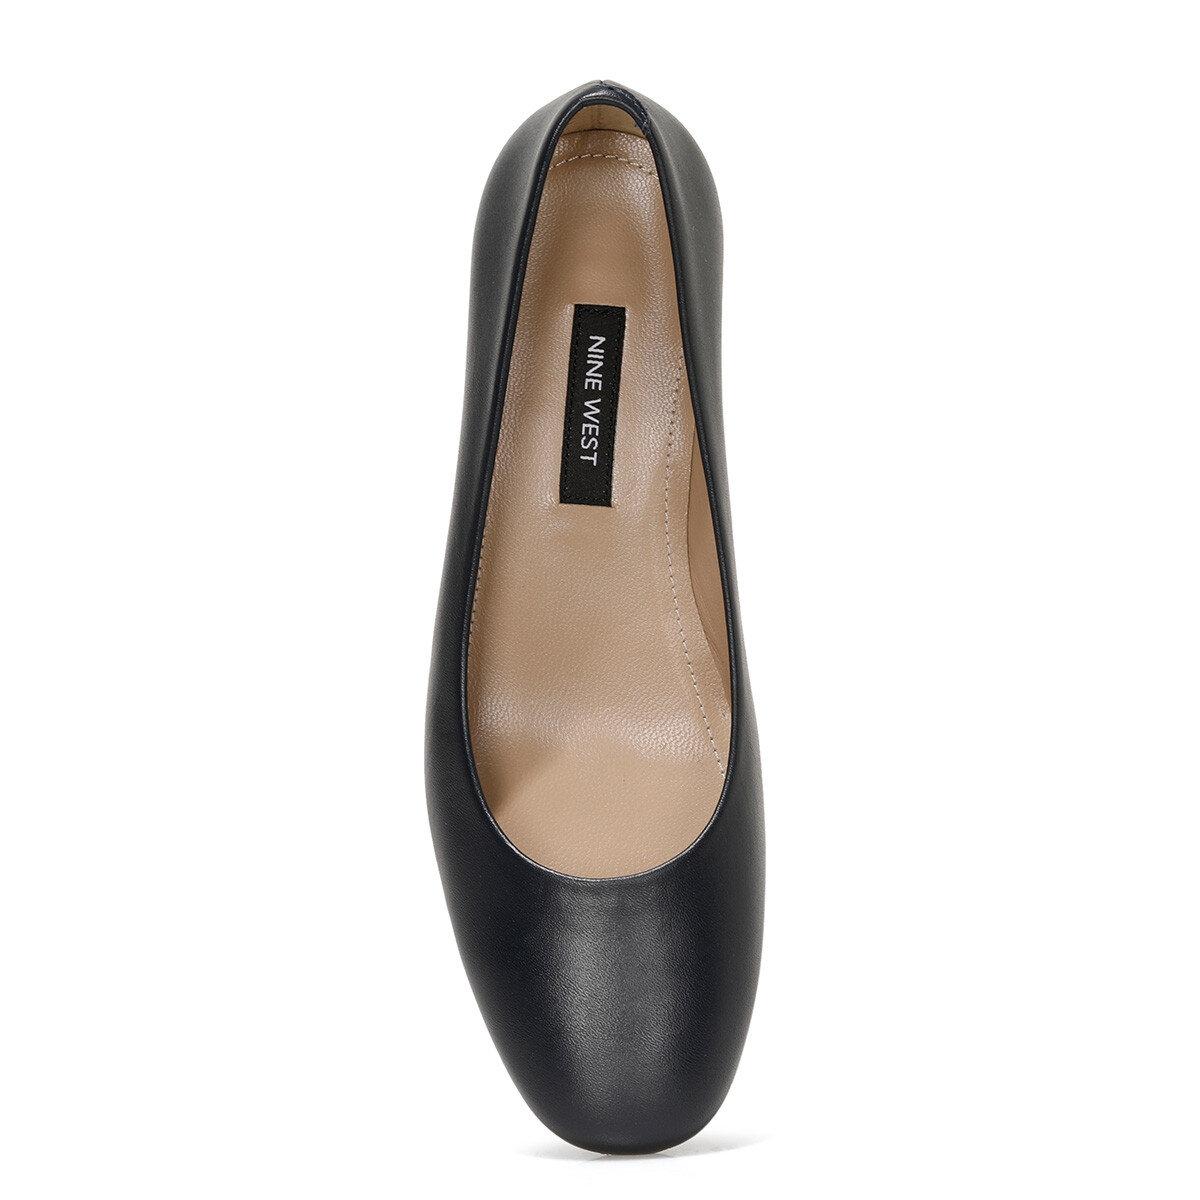 SALMA Lacivert Kadın Gova Ayakkabı